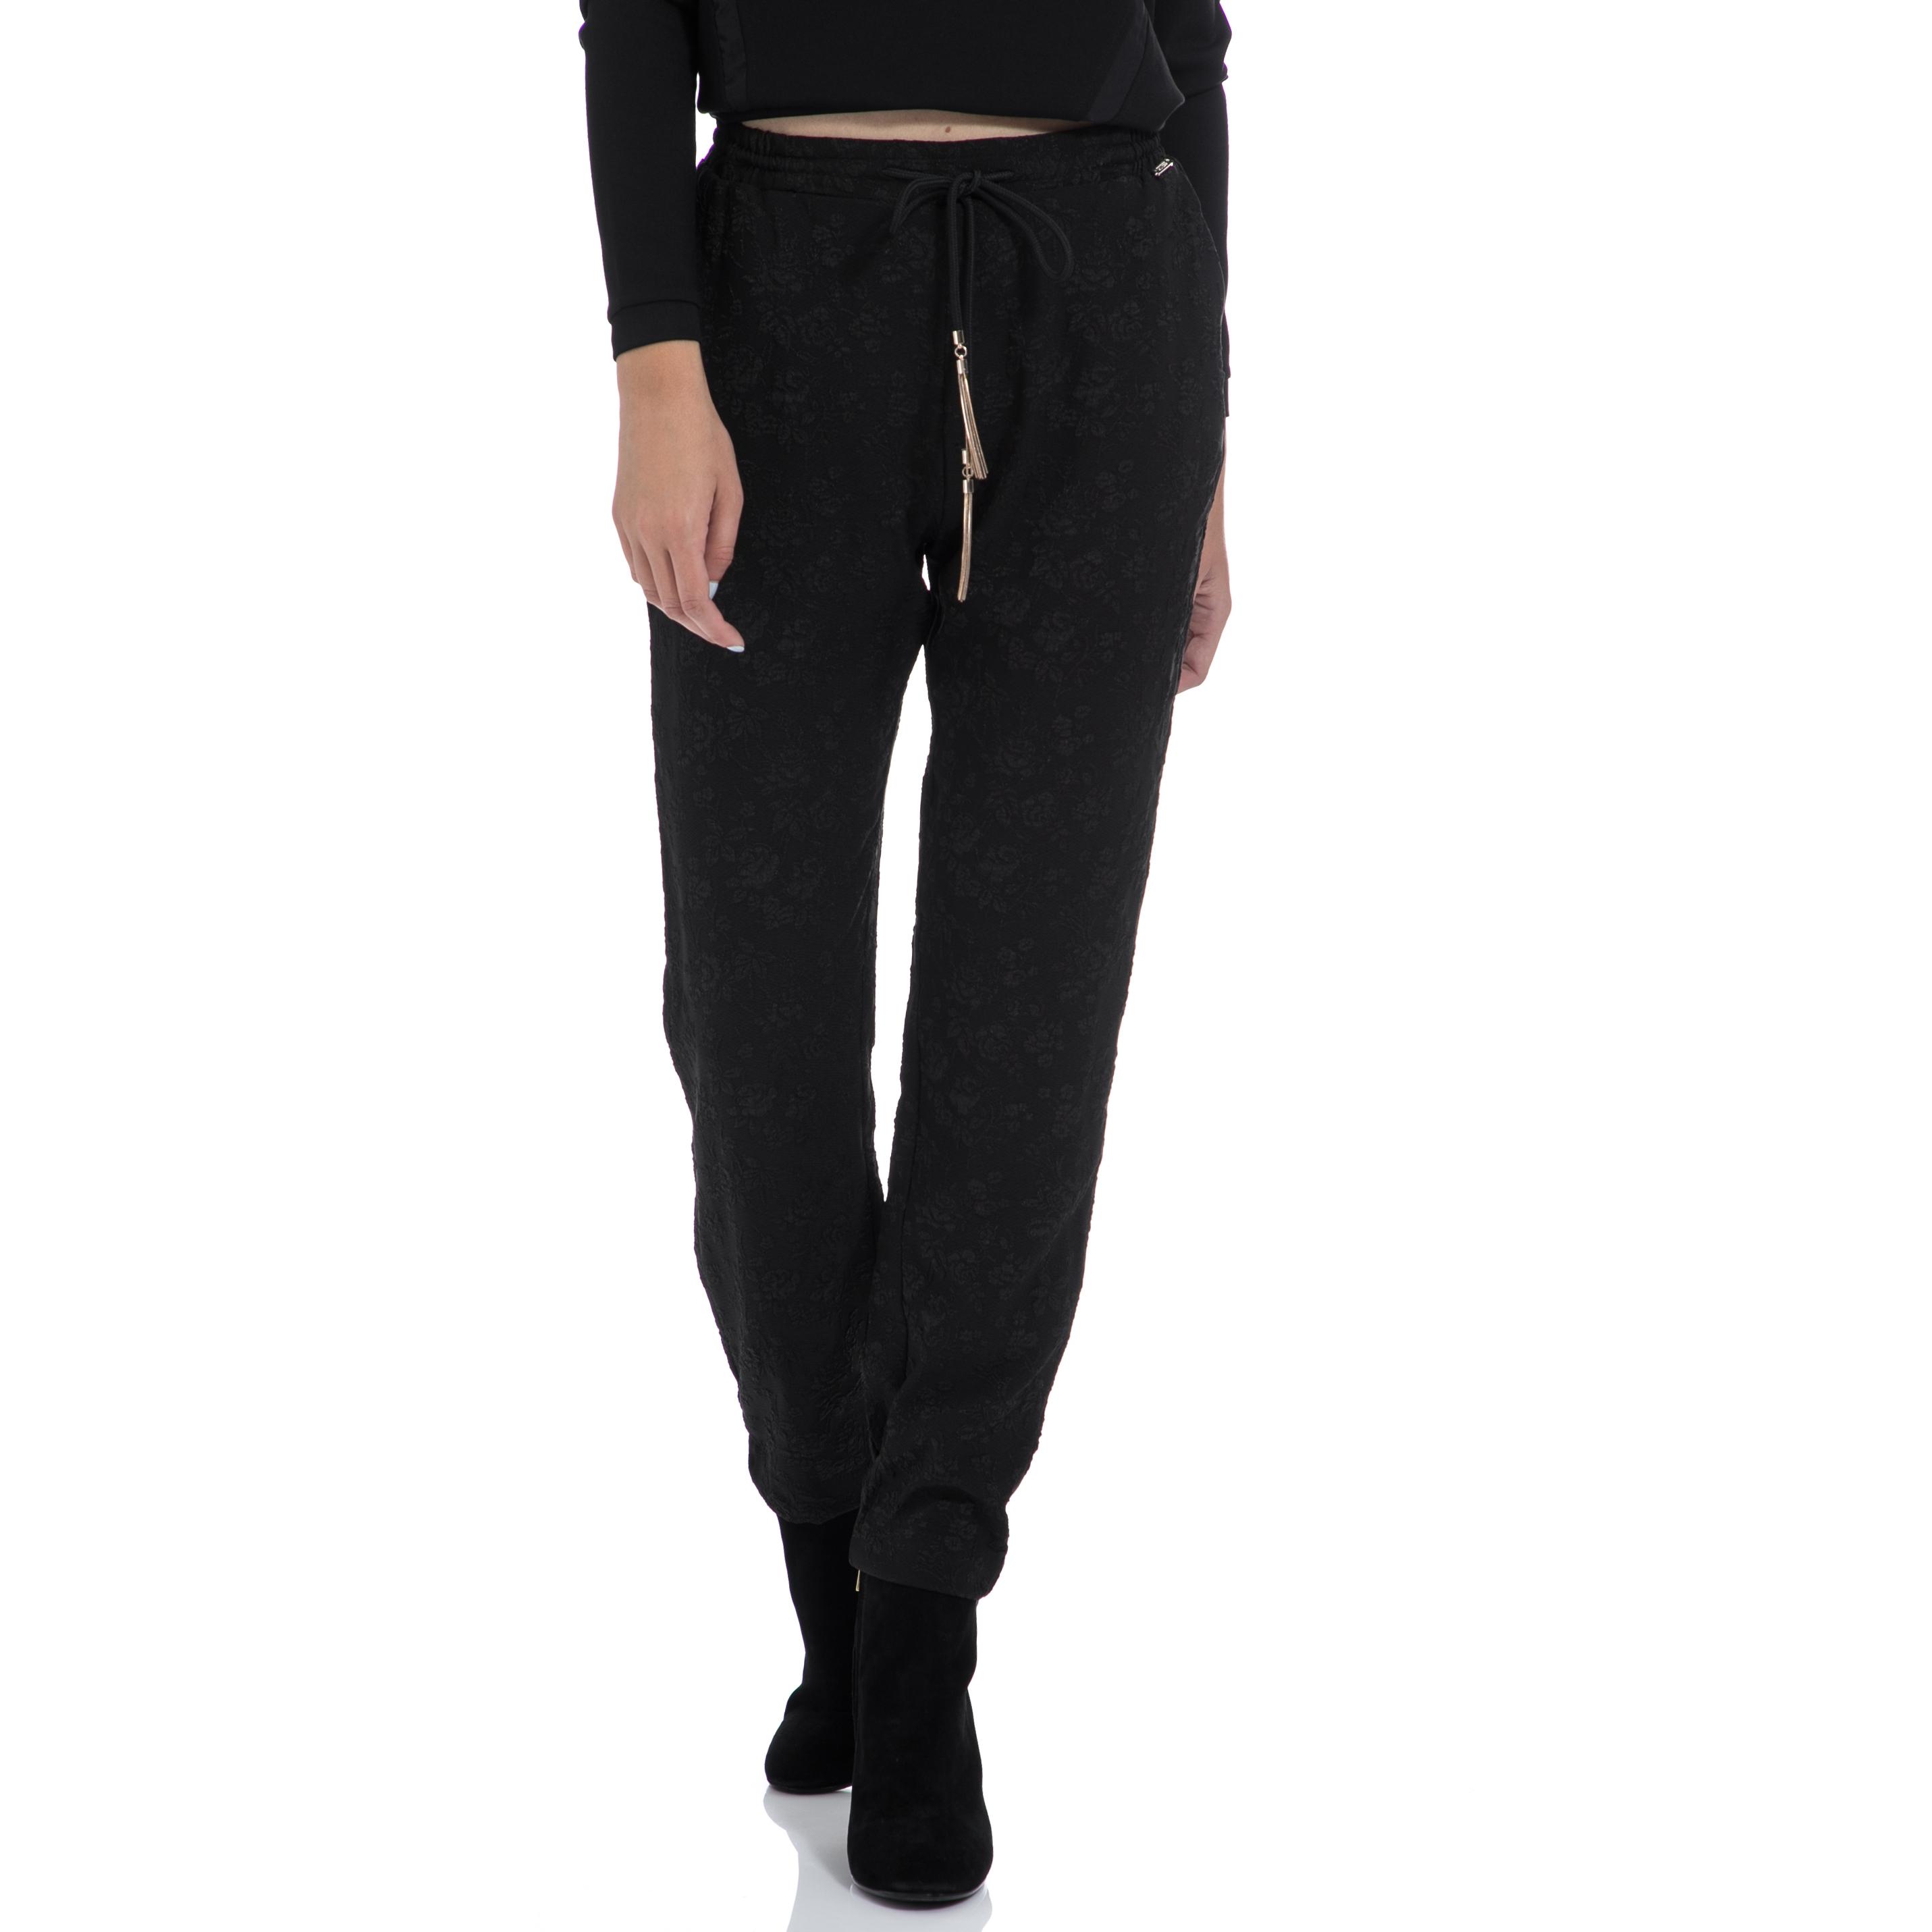 GUESS – Γυναικείο παντελόνι GUESS μαύρο